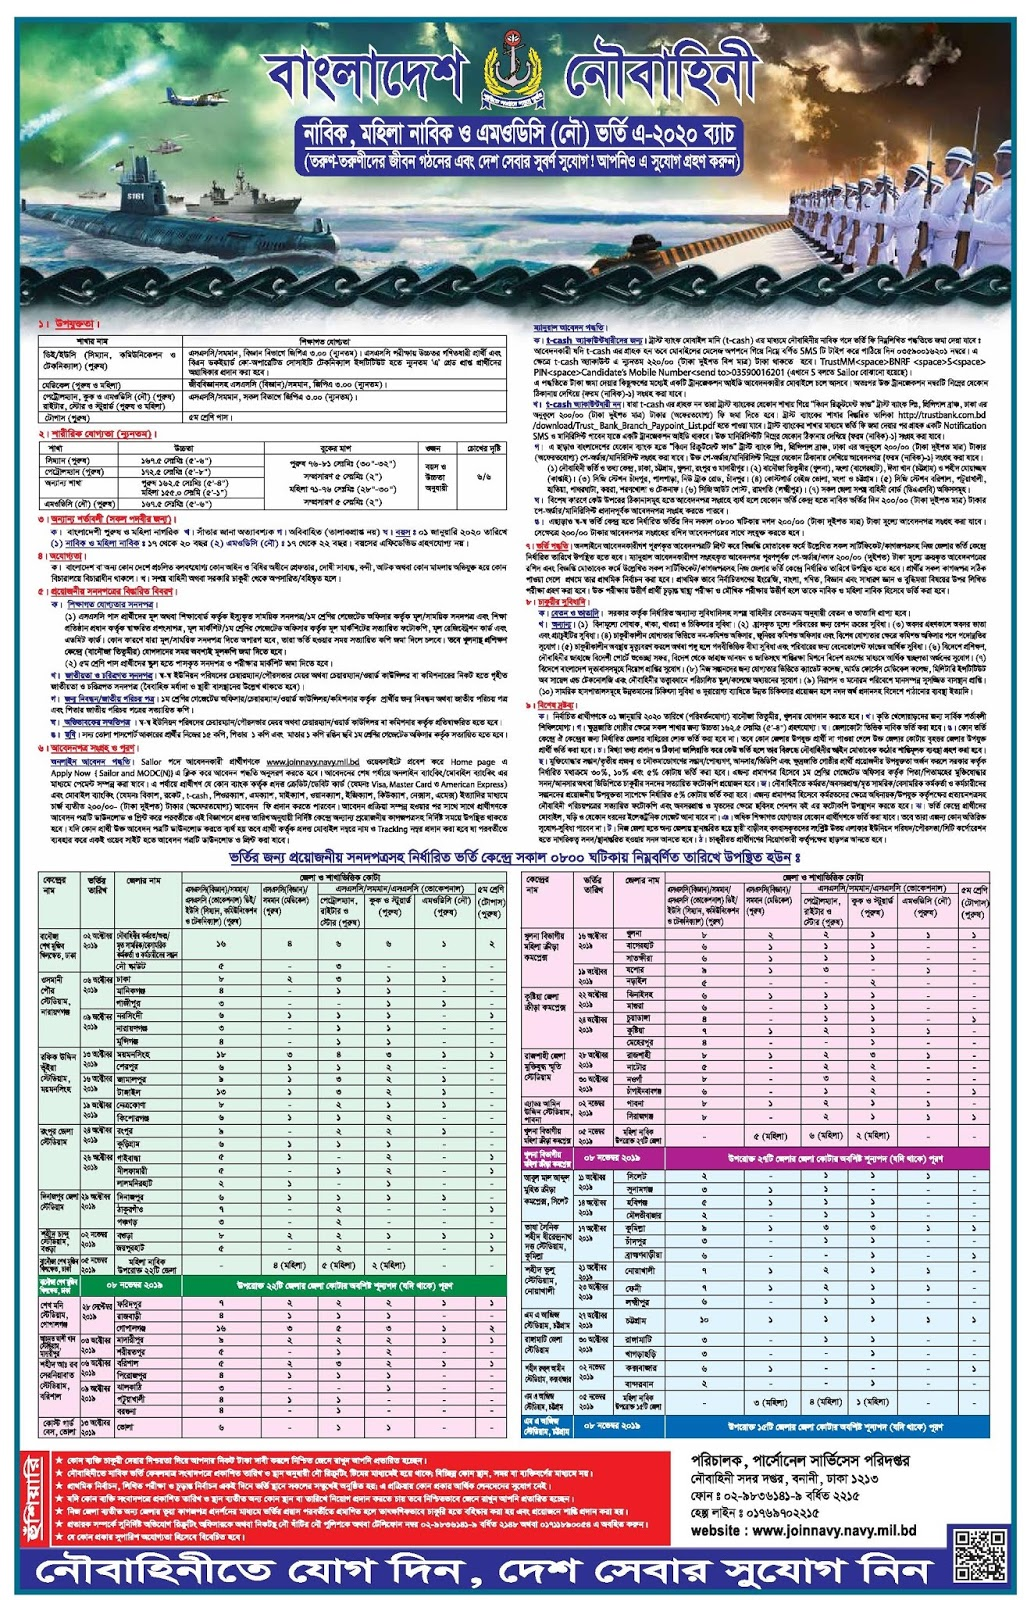 বাংলাদেশ নৌবাহিনী নিয়োগ বিজ্ঞপ্তি ২০১৯/২০২০